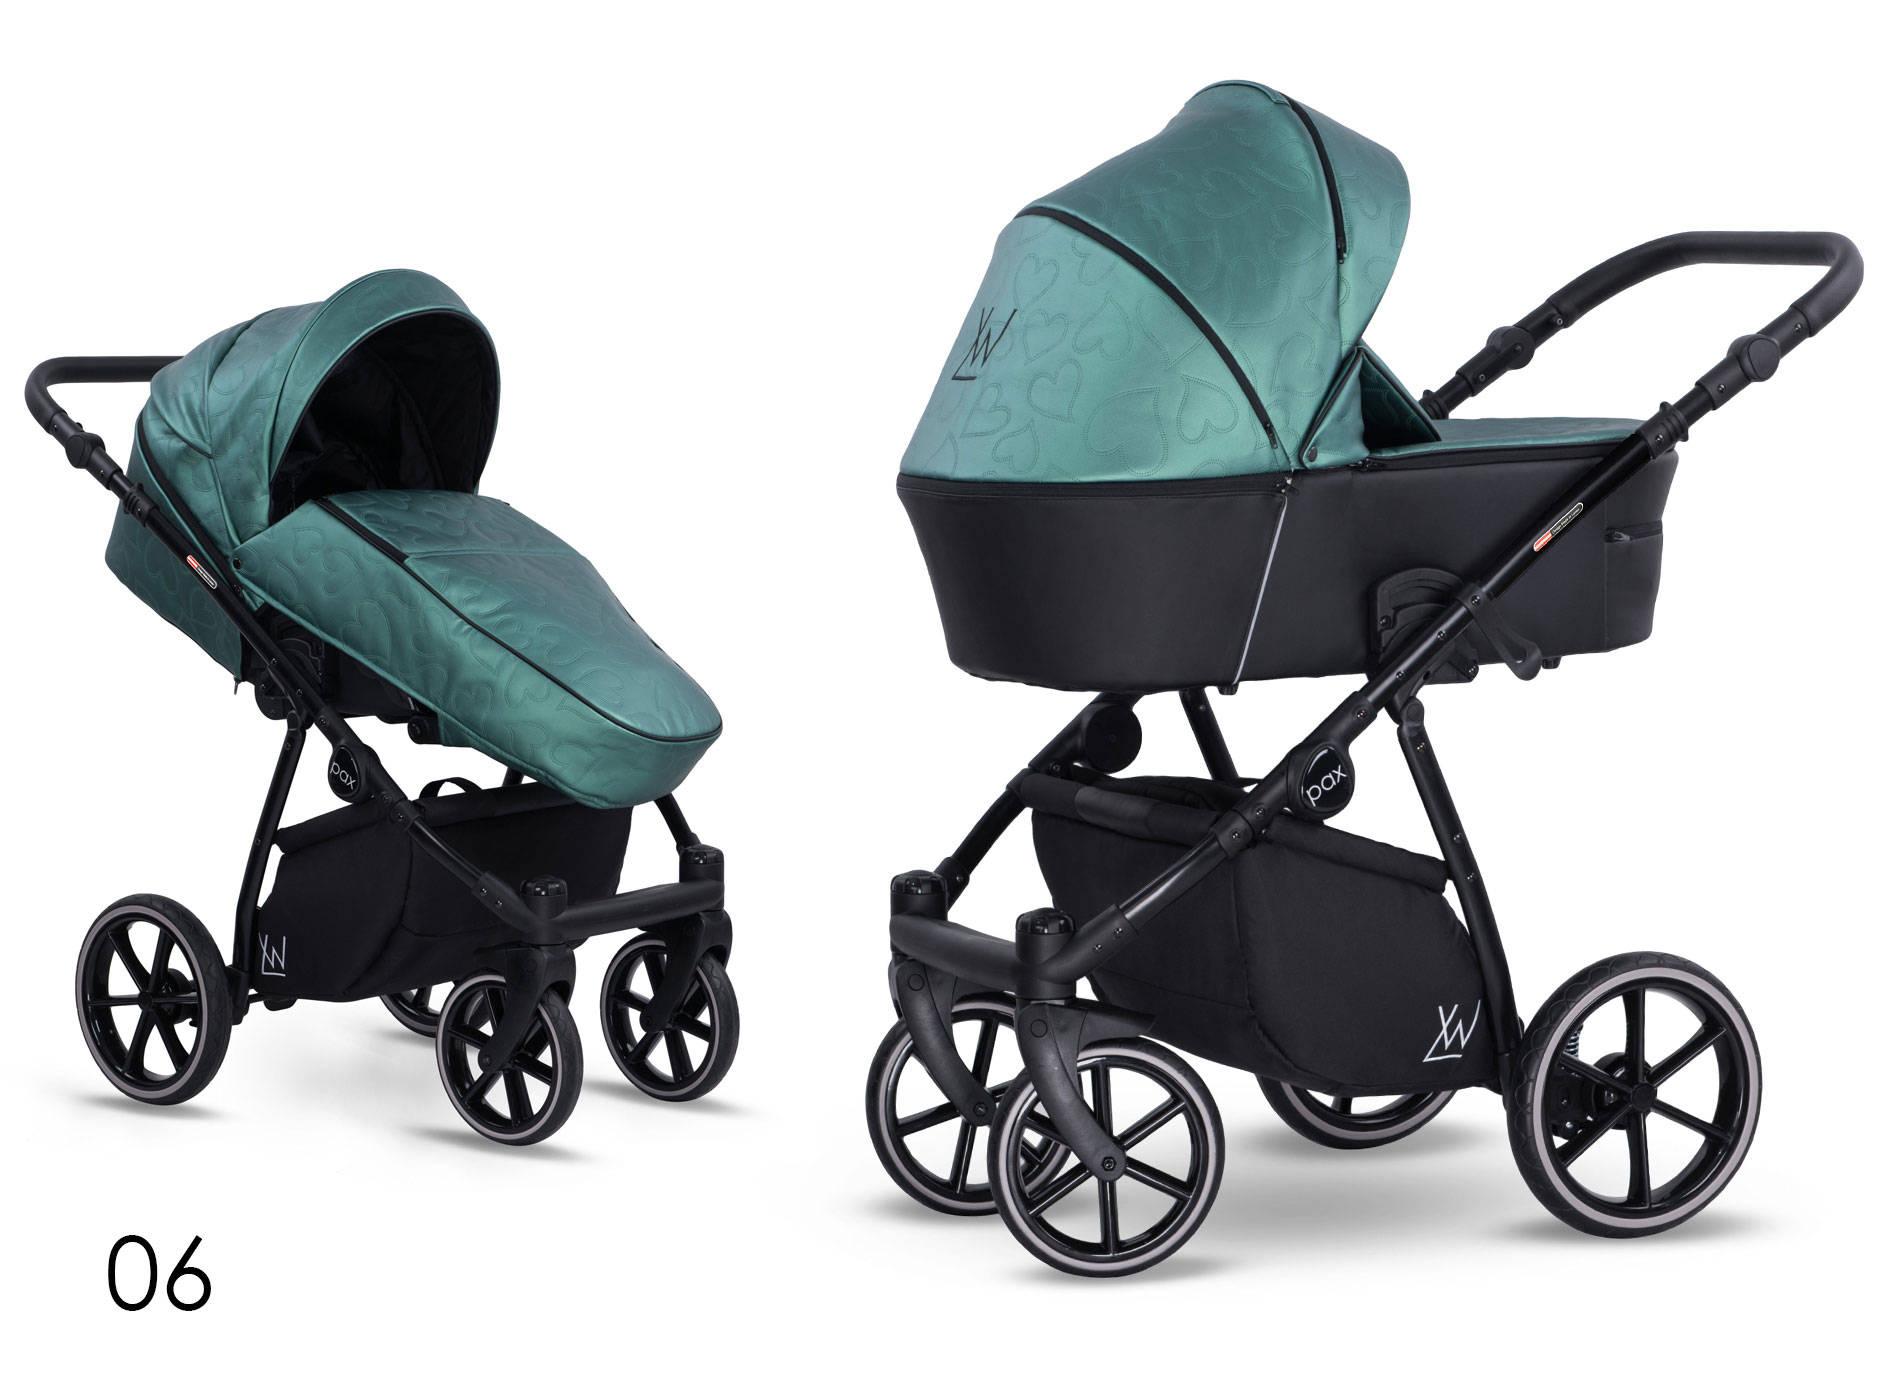 wózek Pax Eco wielofunkcyjny dziecięcy Lonex zielona eco skóra Dadi Shop